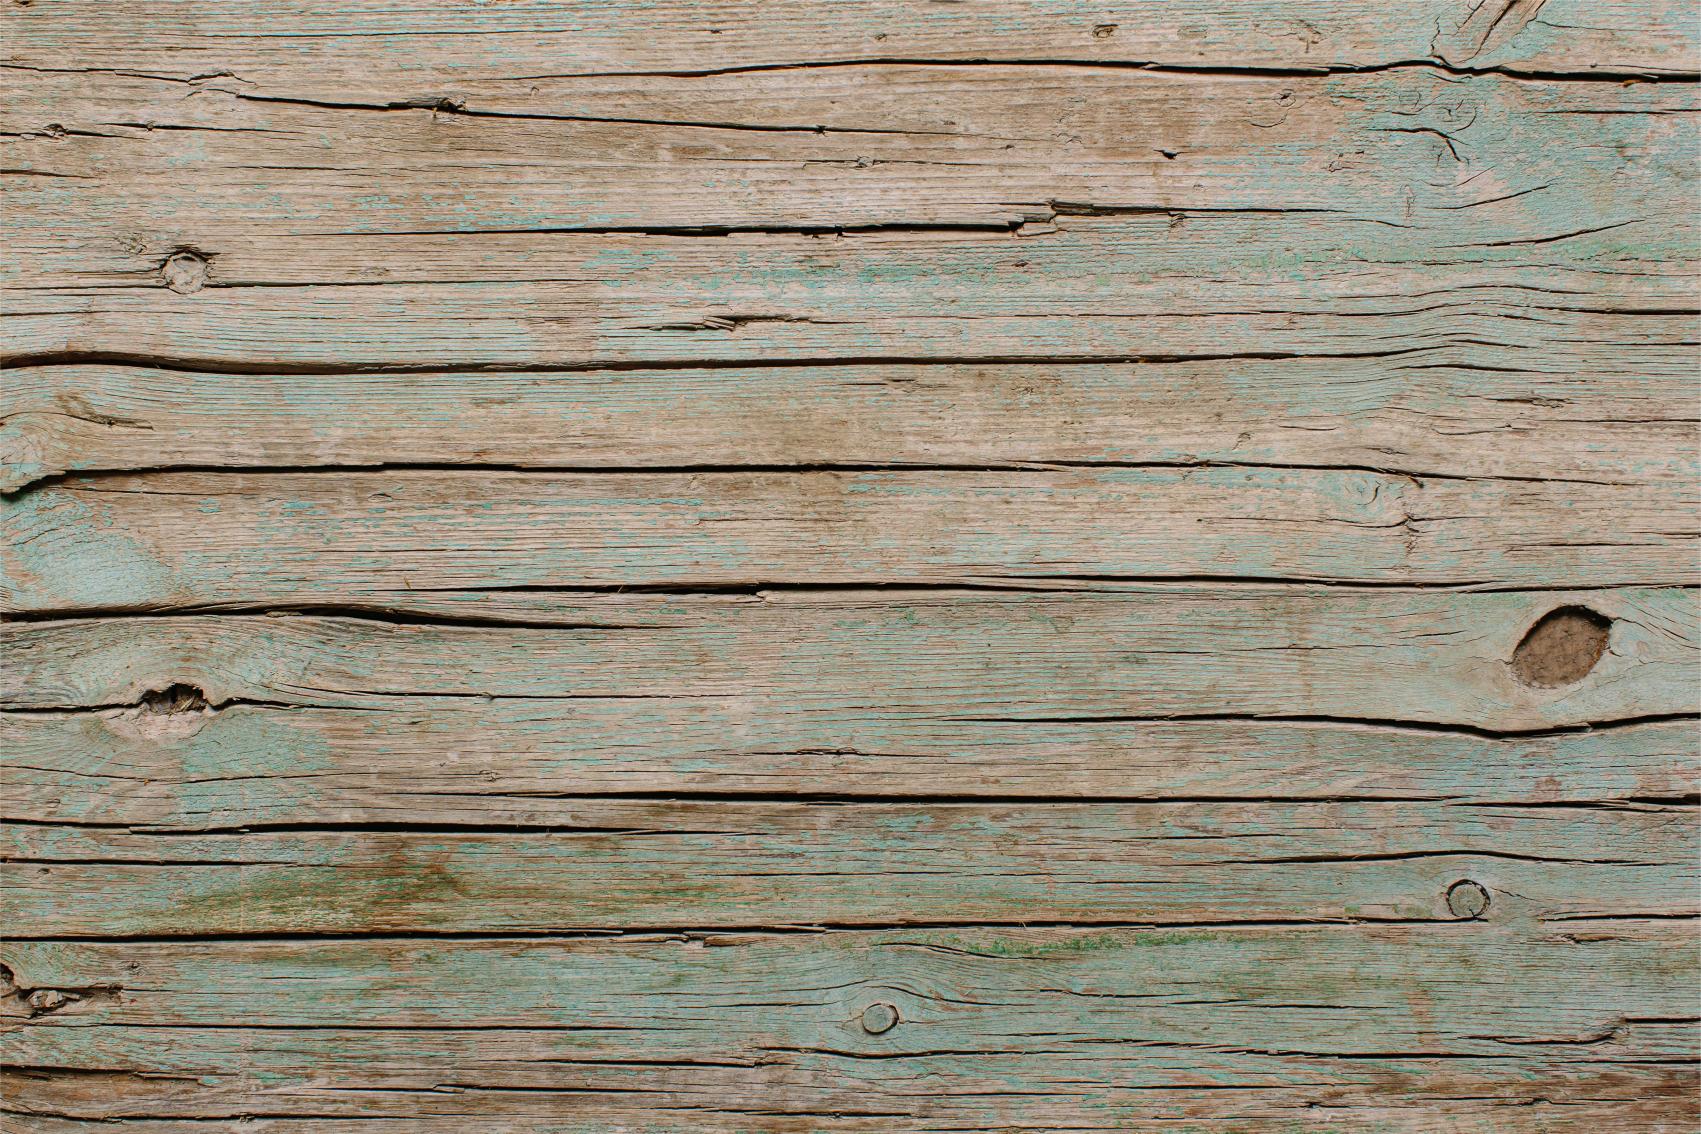 TenStickers. Vinylvloeren van bedorven hout met houteffect. Dit prachtige houten vinyl tapijt van bedorven hout is de beste oplossing voor uw huis! Vertrouw nu op de kwaliteit van ons materiaal!